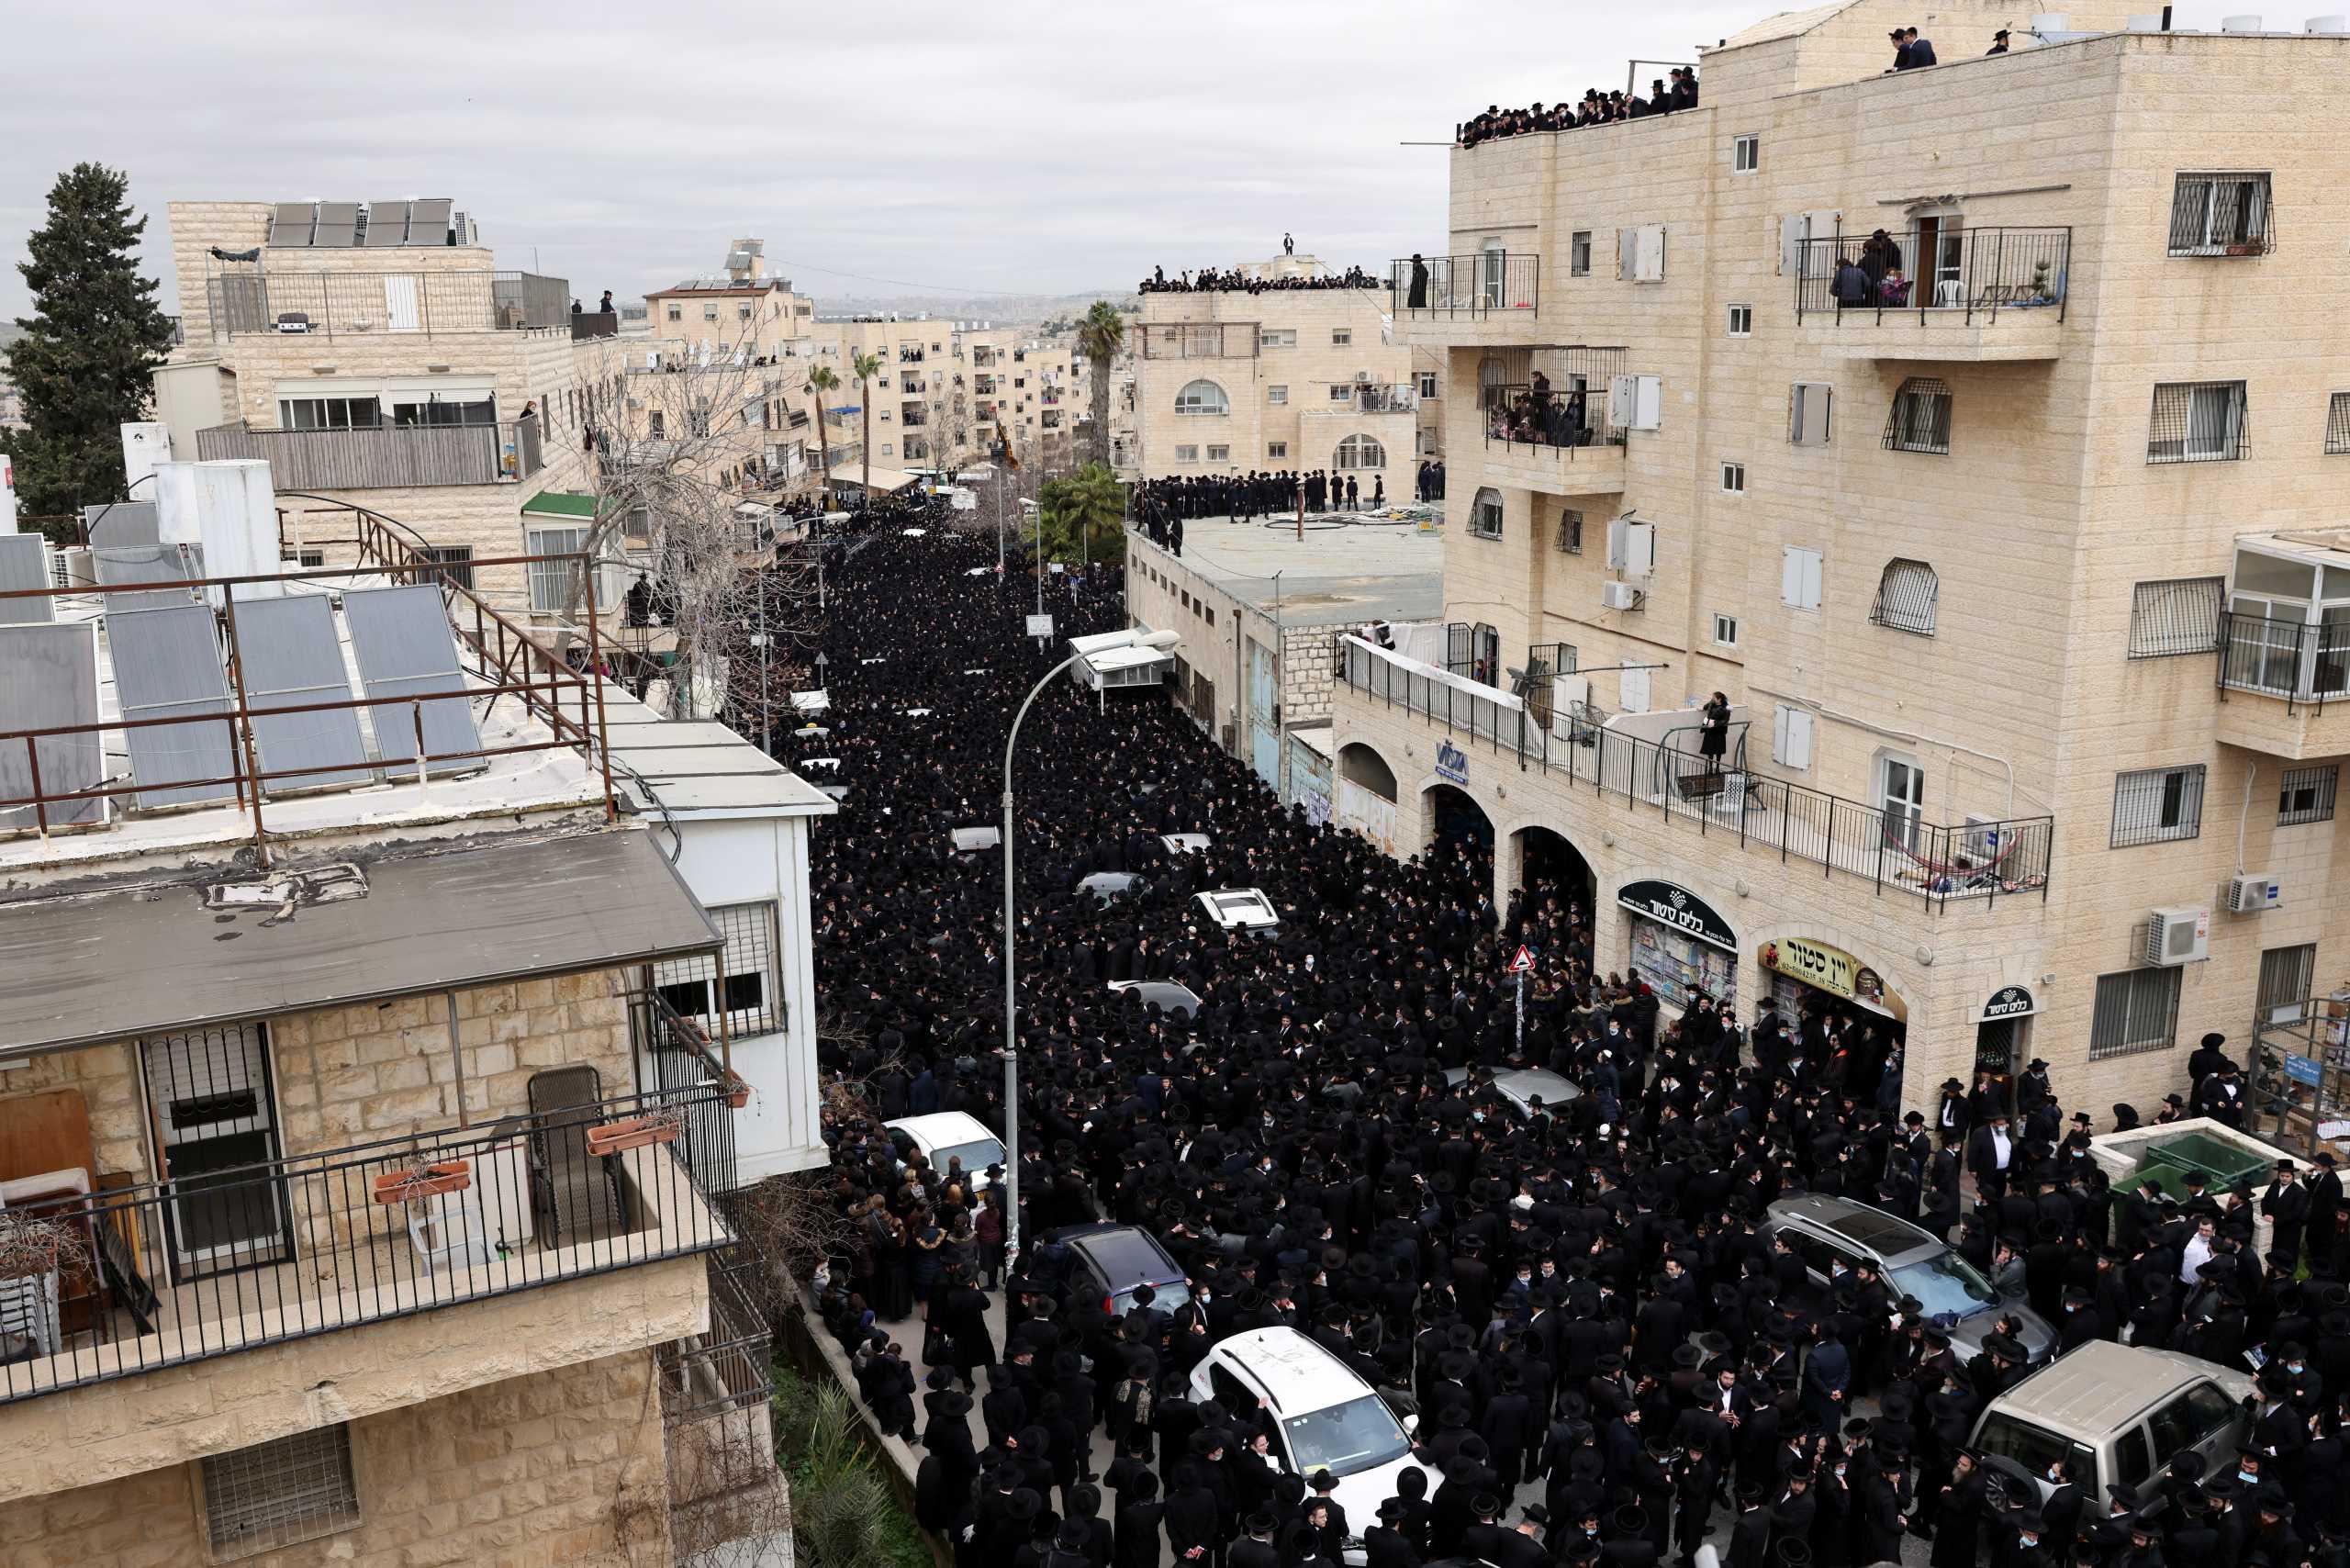 Κορονοϊός: Παρατείνεται το lockdown στο Ισραήλ – Φοβίζουν τα κρούσματα και το «αντάρτικο» των υπερορθόδοξων Εβραίων